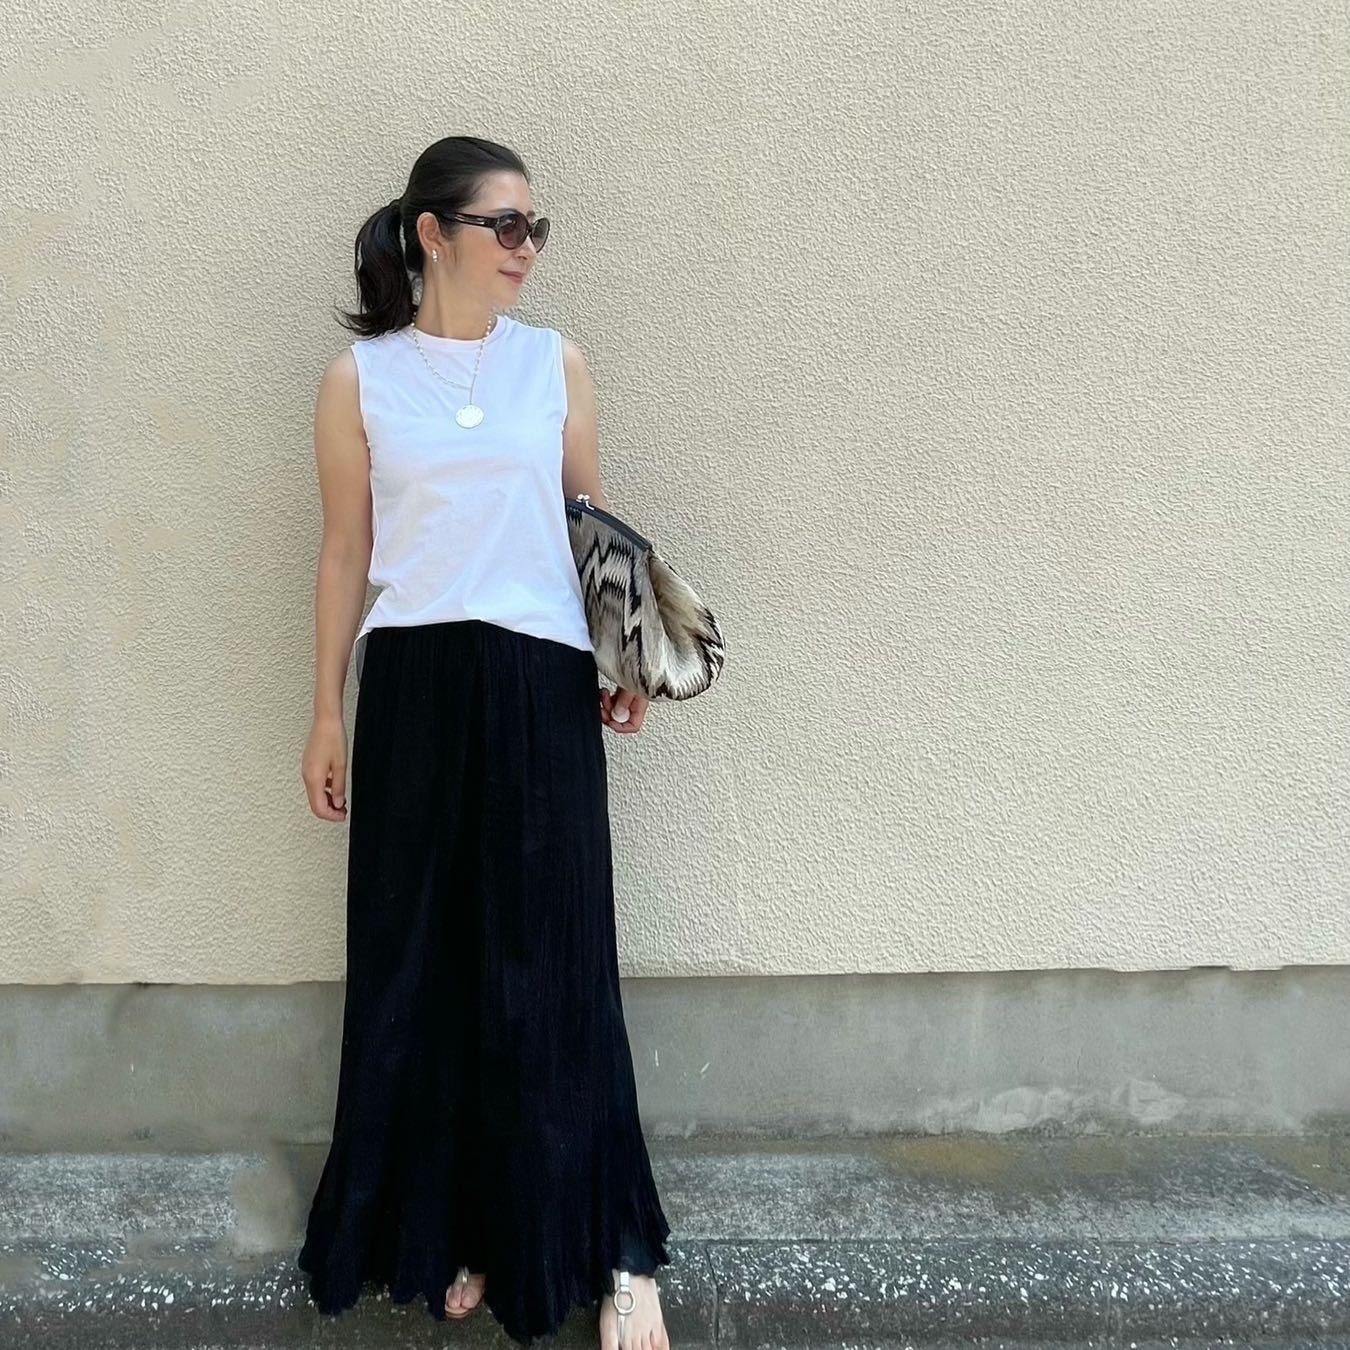 ユニクロの白ノースリーブTシャツ、黒のマキシ丈スカート、大きめのクラッチバッグ、シルバーのフラットサンダル、パールとシルバーの細めネックレス